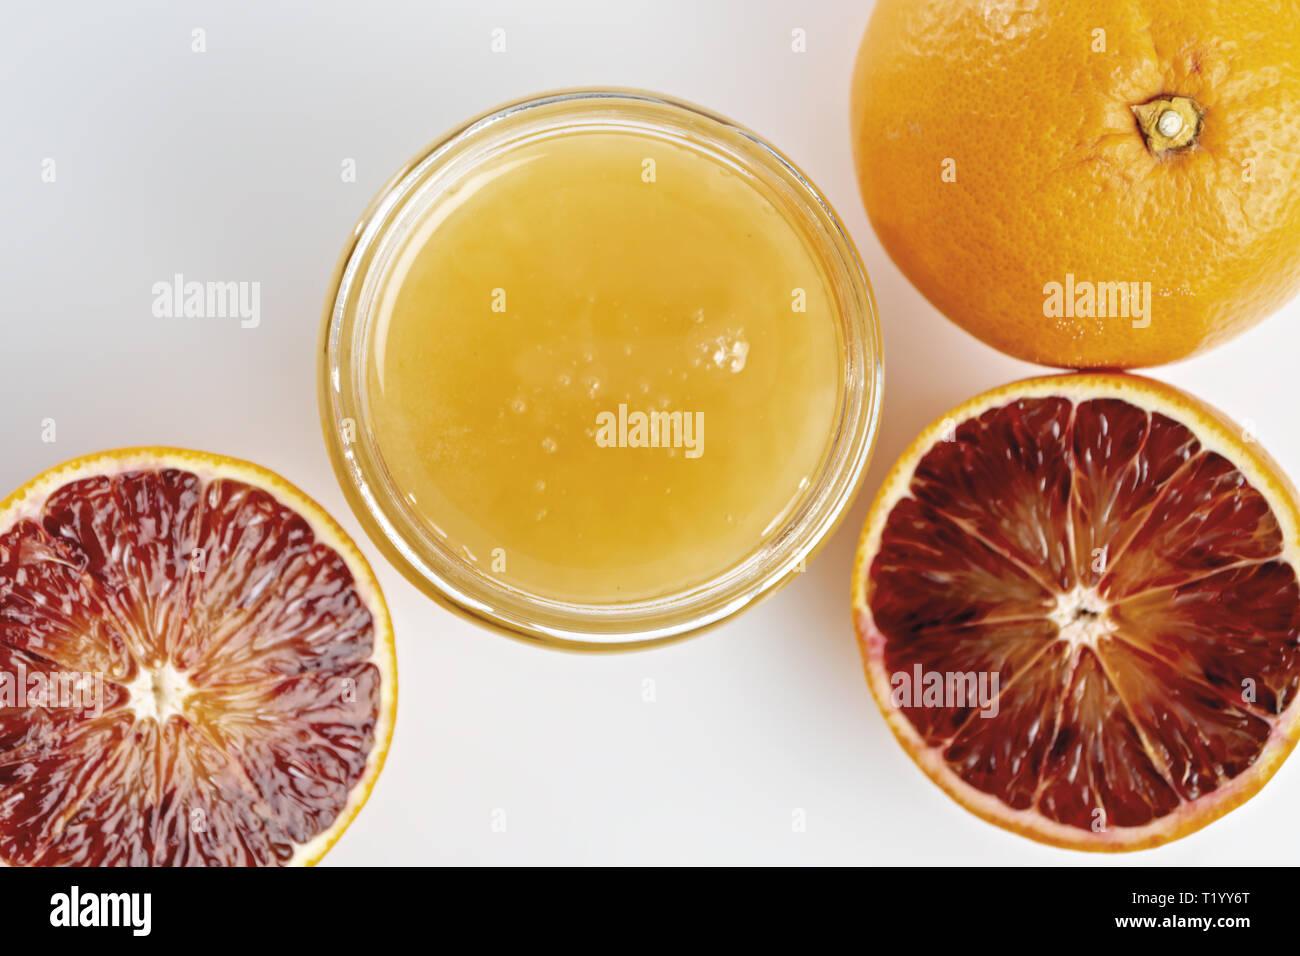 Miele all'arancio in vaso con arance tagliate dall'alto. primo piano Immagini Stock